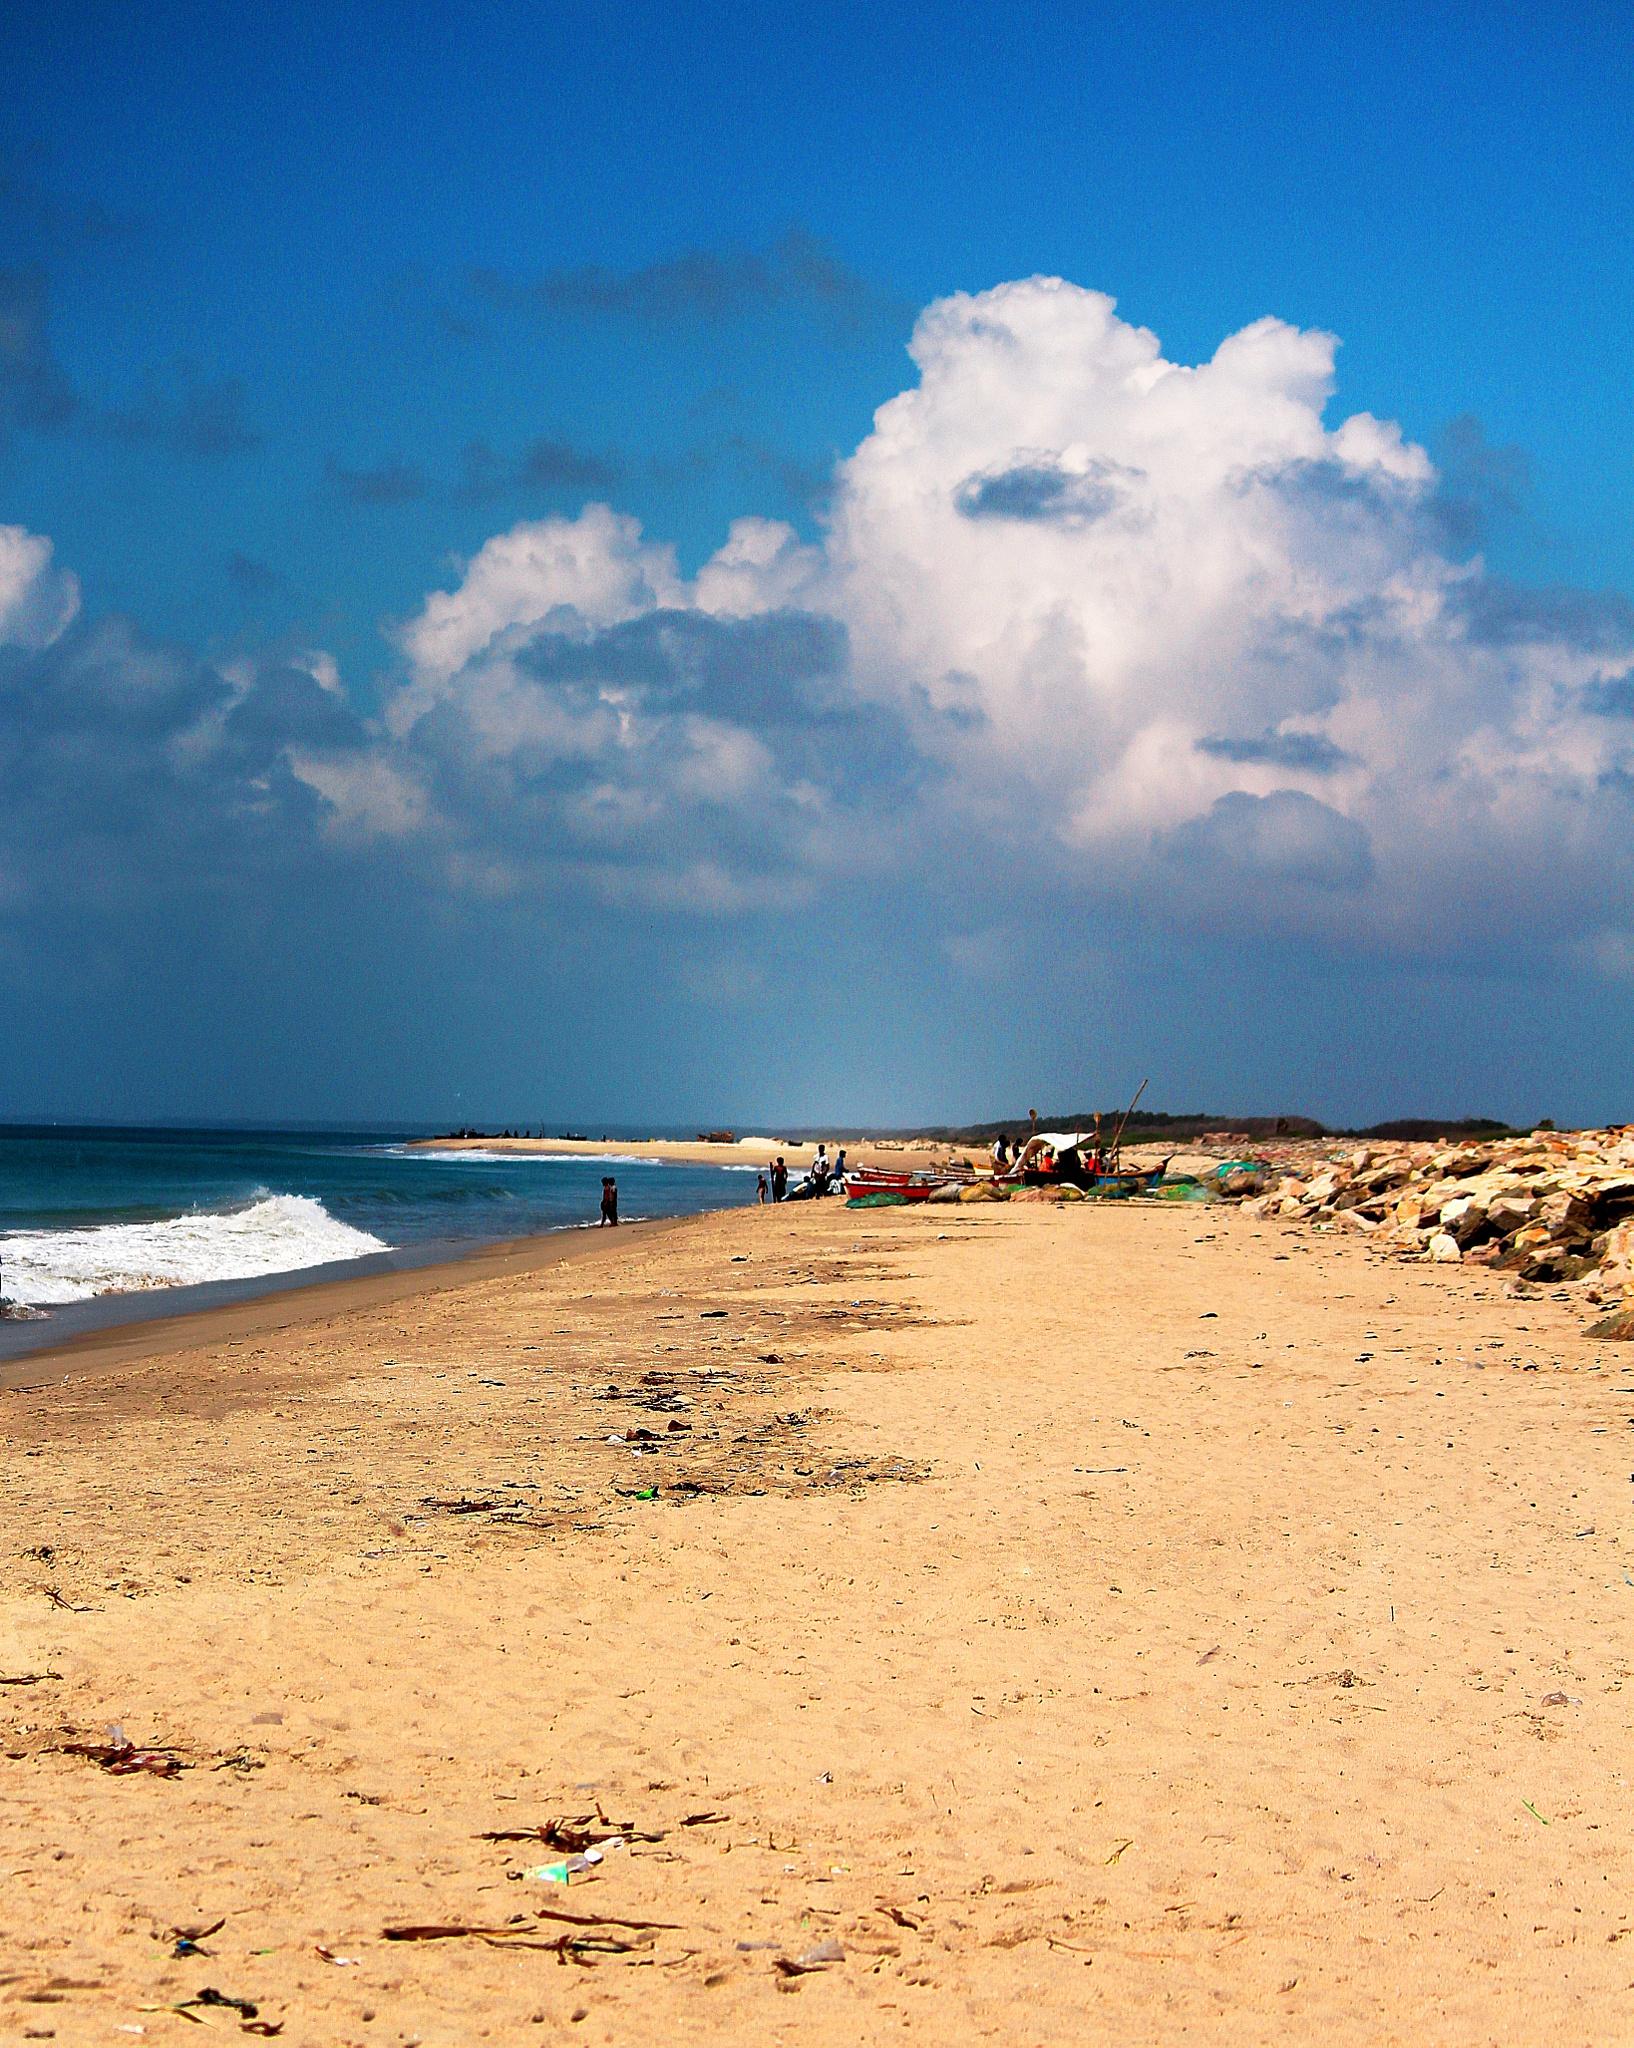 Rameswaram Beach by Abhishek Sarkar